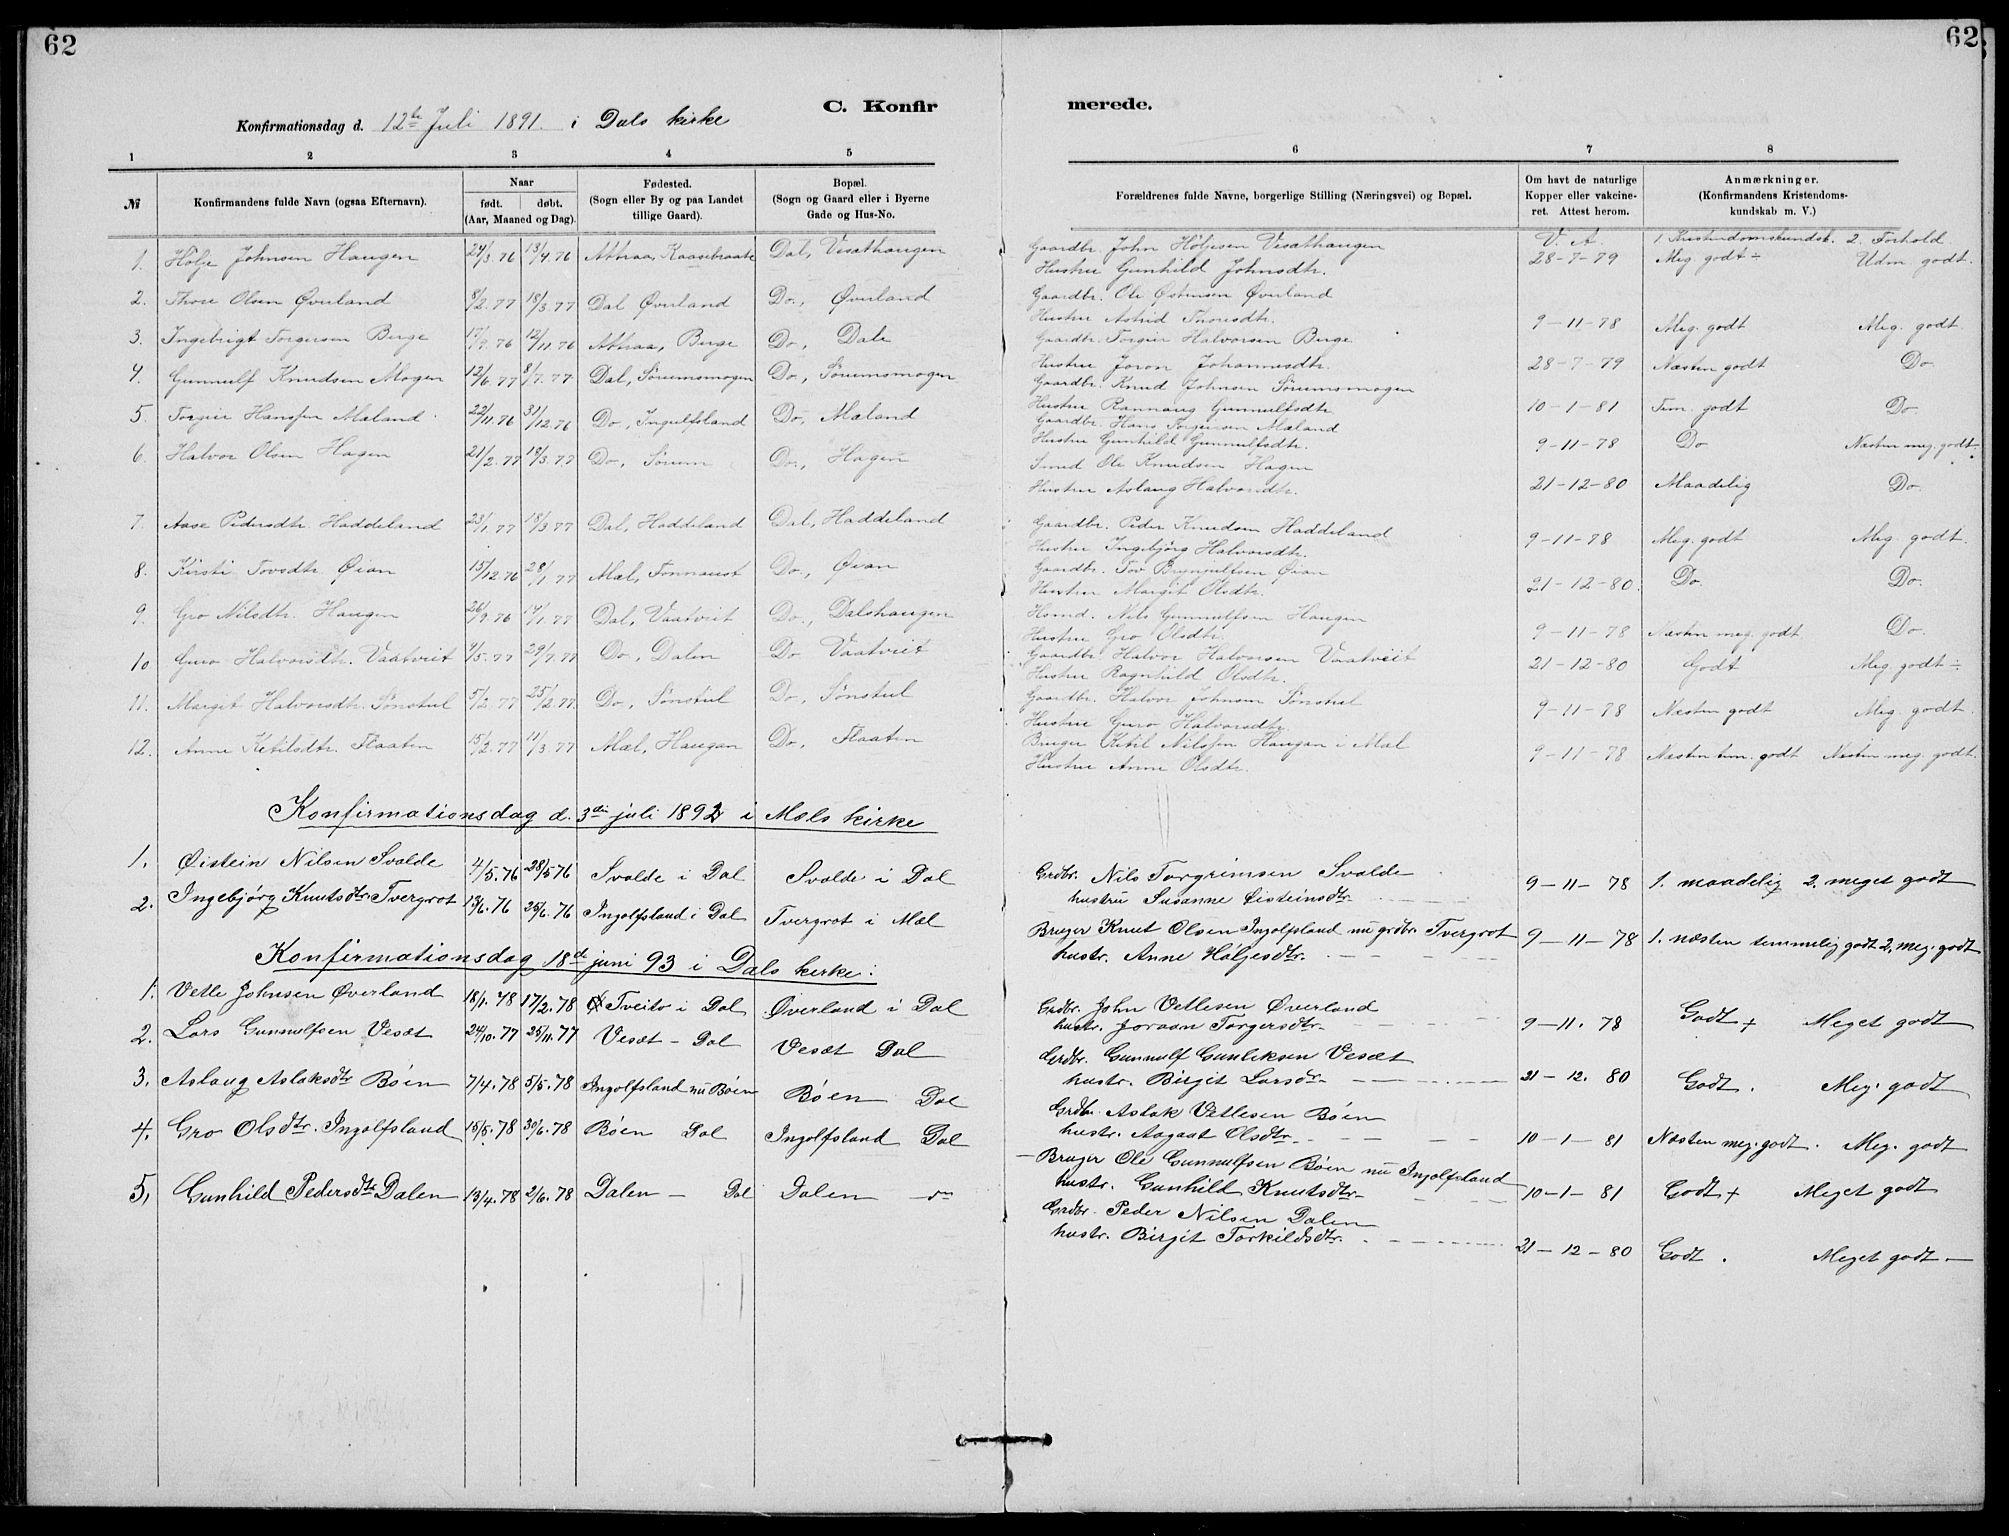 SAKO, Rjukan kirkebøker, G/Ga/L0001: Klokkerbok nr. 1, 1880-1914, s. 62